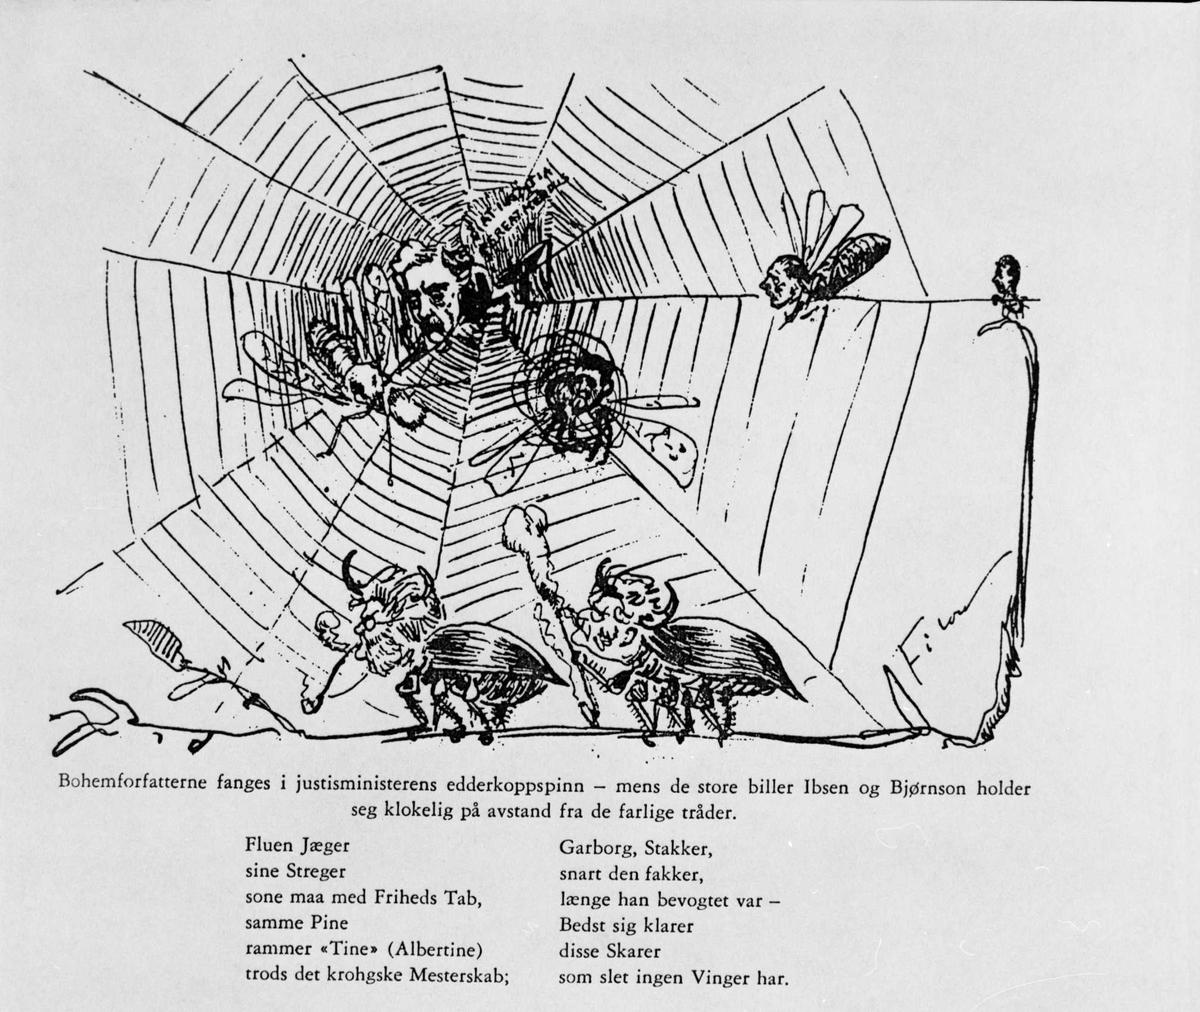 Karikatur, Bjørnson, Ibsen, biller, edderkoppspinn, bohemforfattere,